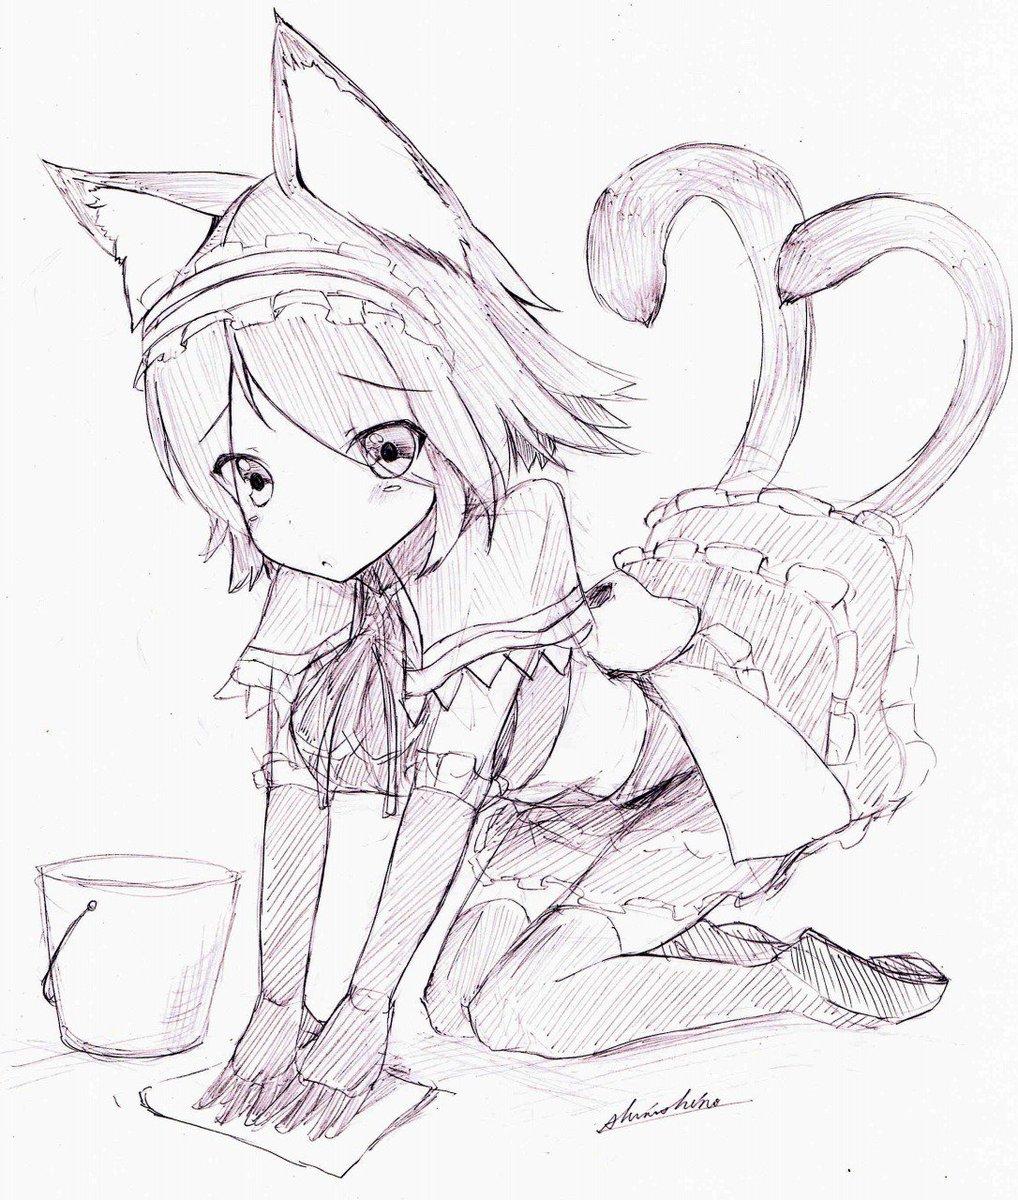 雑巾がけをじろじろ見られていたことに気づいた猫又ちゃん https://t.co/Kpx4Folfh0